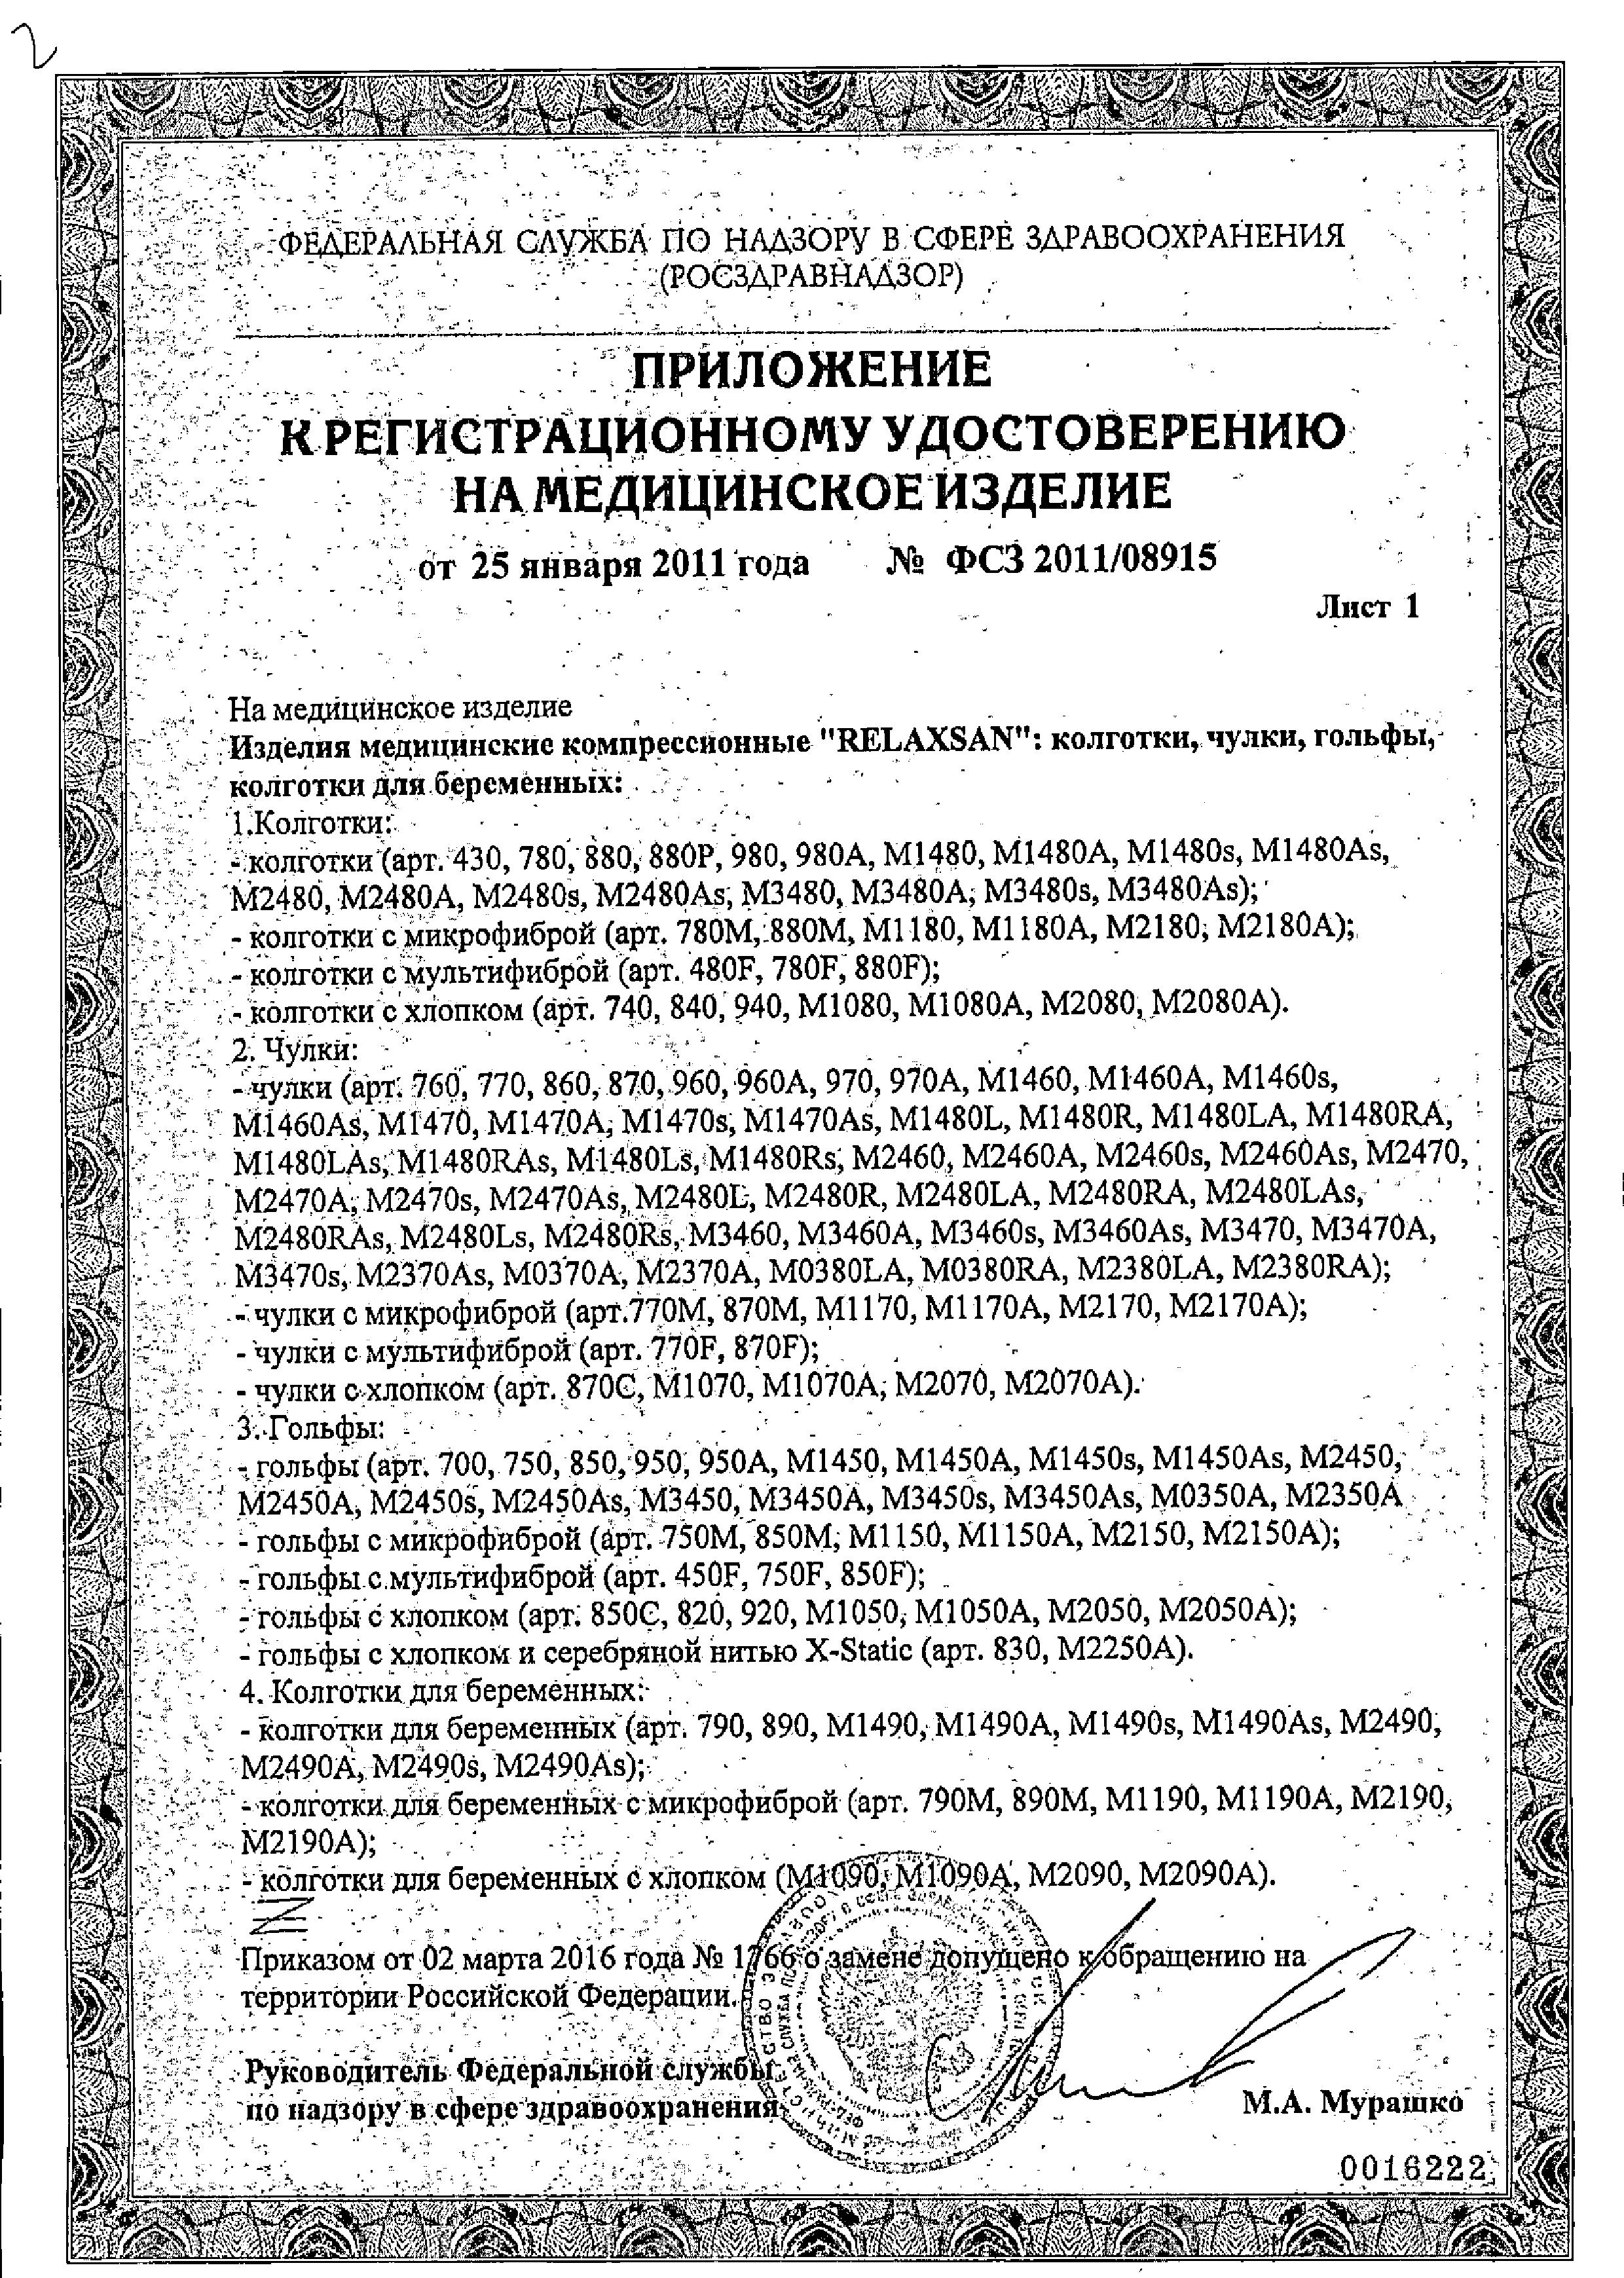 Relaxsan Collant Колготки 1 класс компрессии 140 DEN сертификат